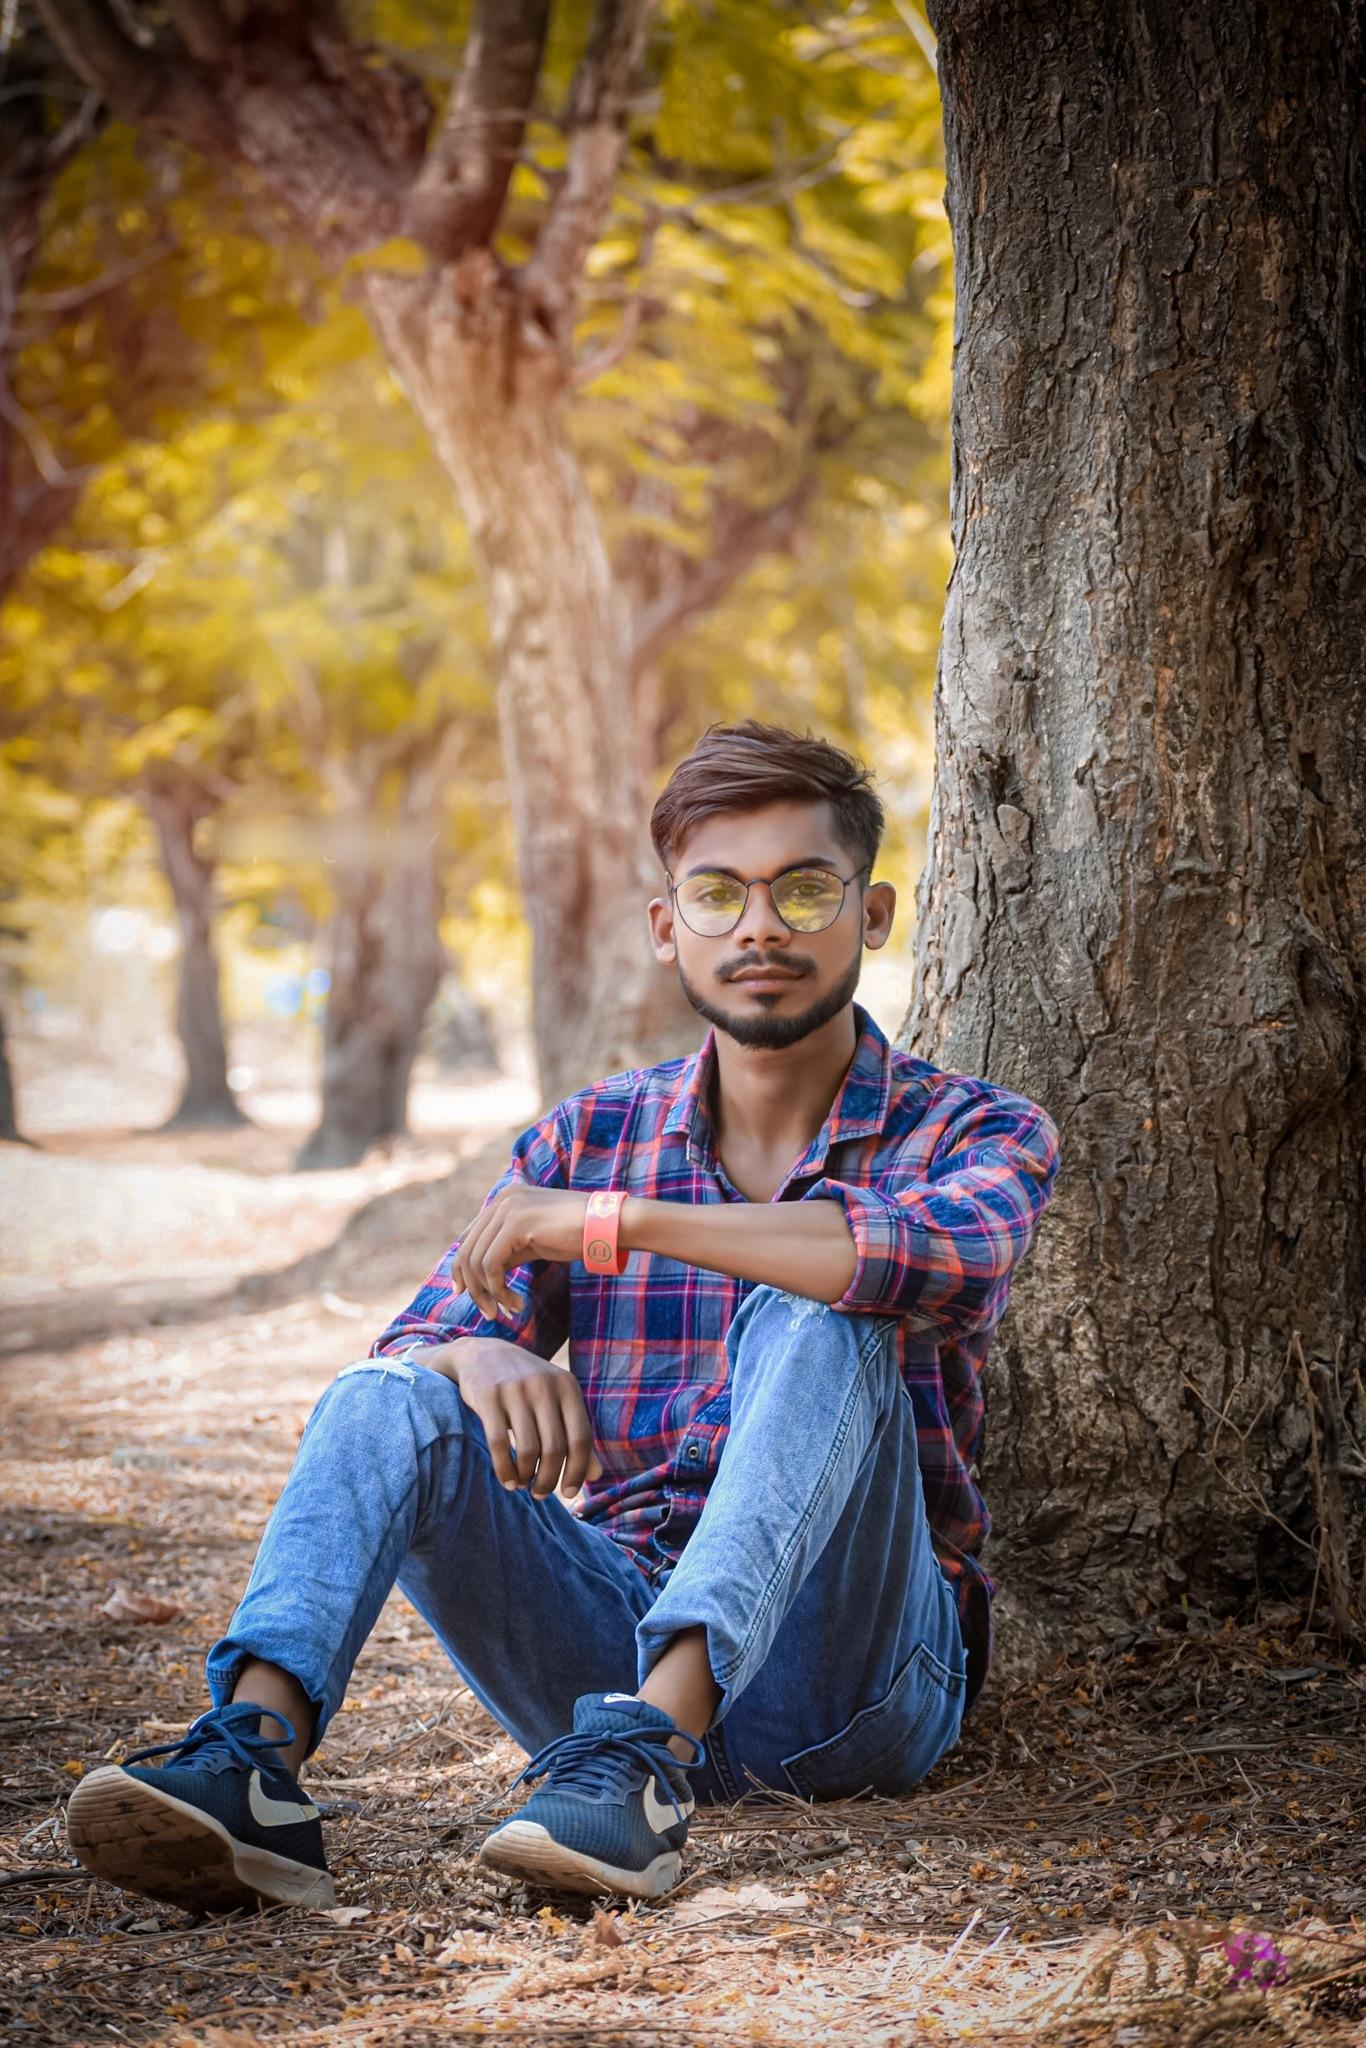 A boy sitting under a tree